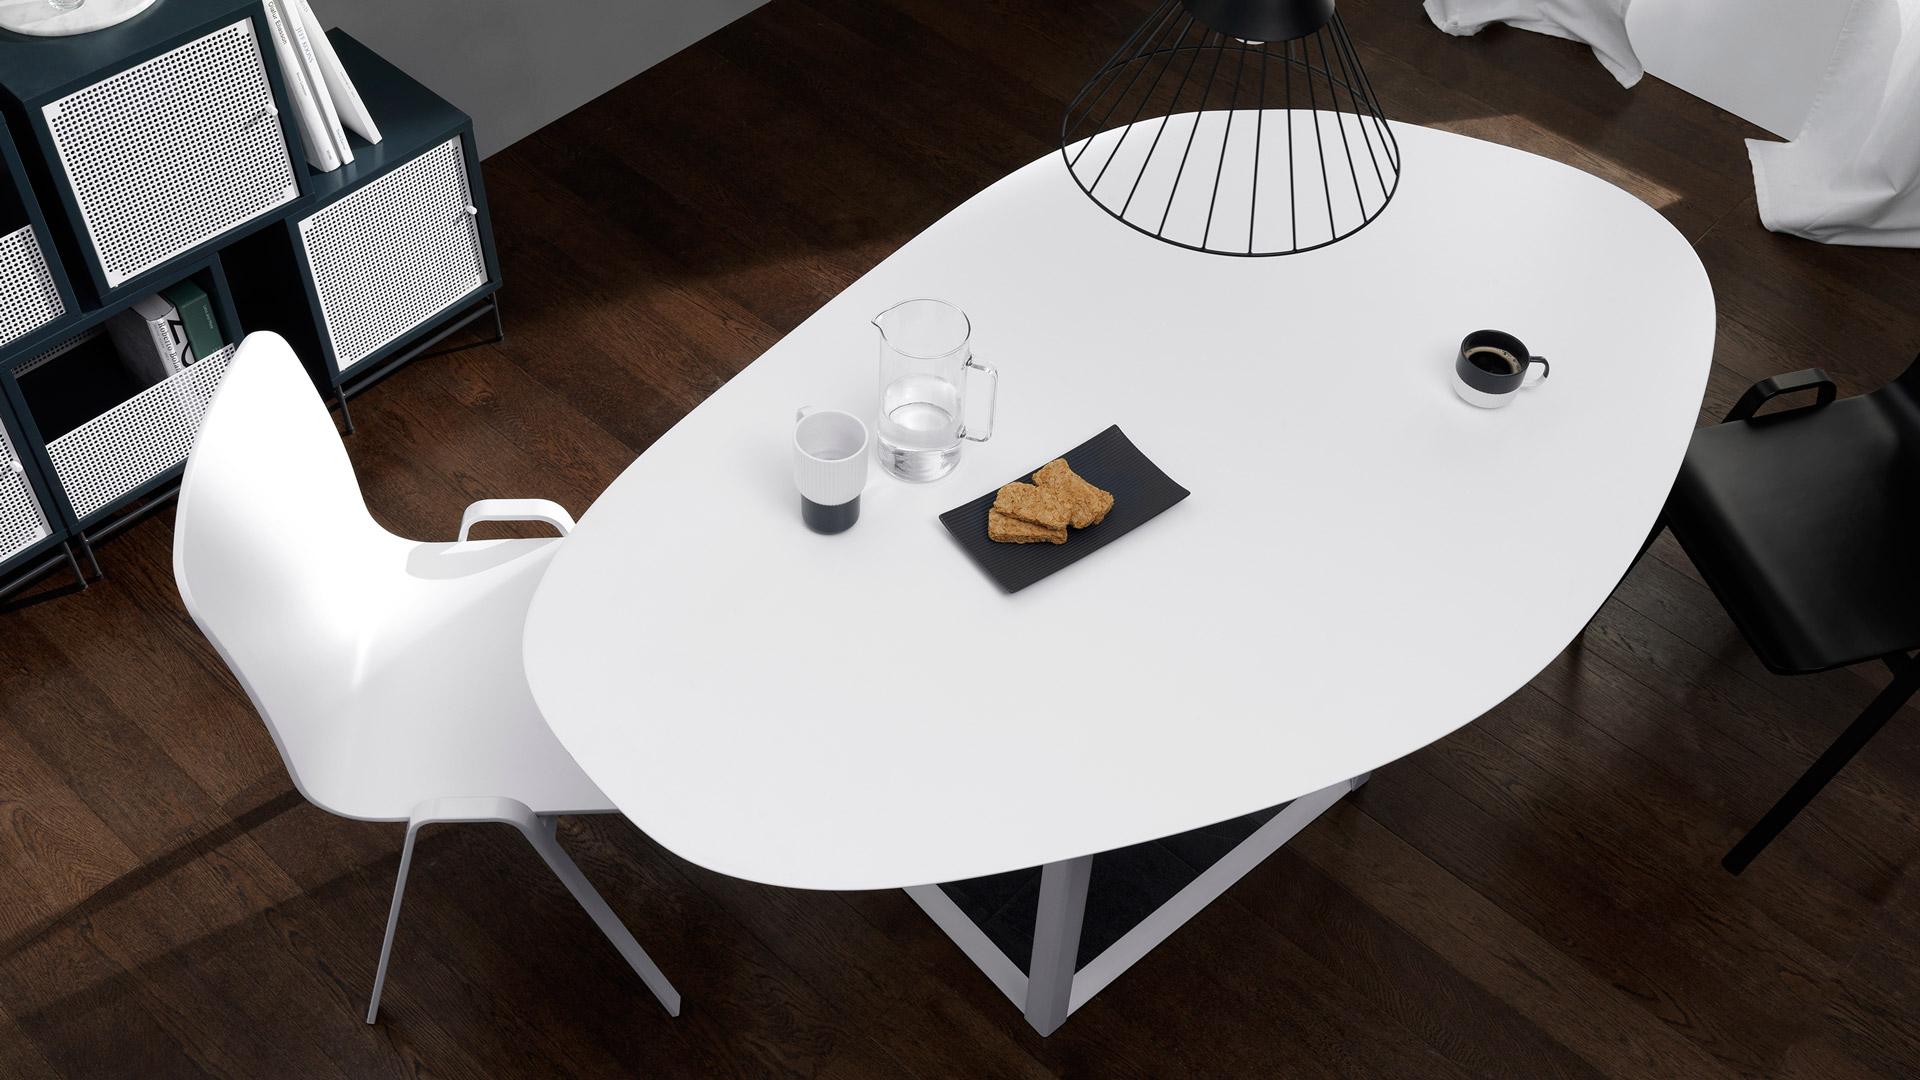 看惯了四四方方棱角分明的桌子,随形桌的自然桌面曲线马上解救你的疲劳眼球!